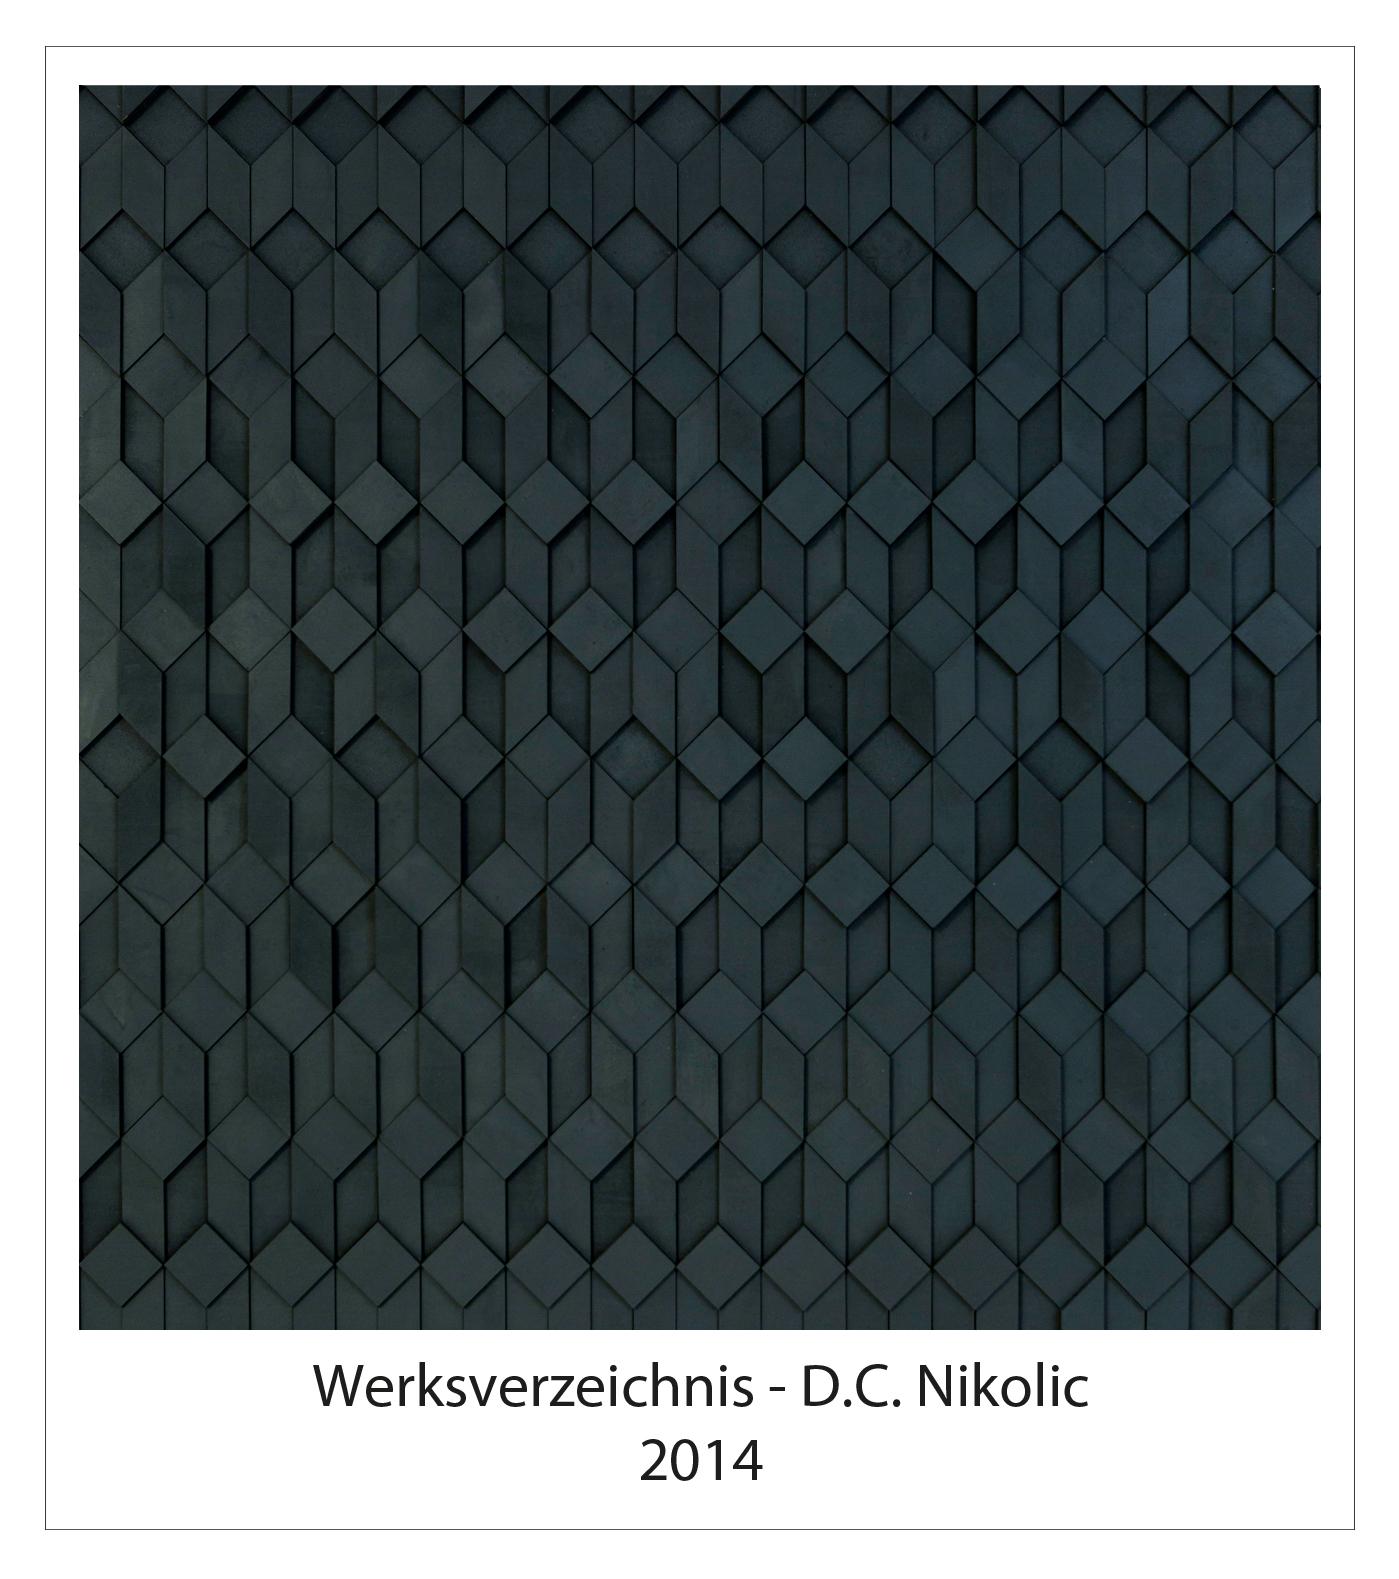 Werksverzeichnis 2014 Darko Caramello Nikolic